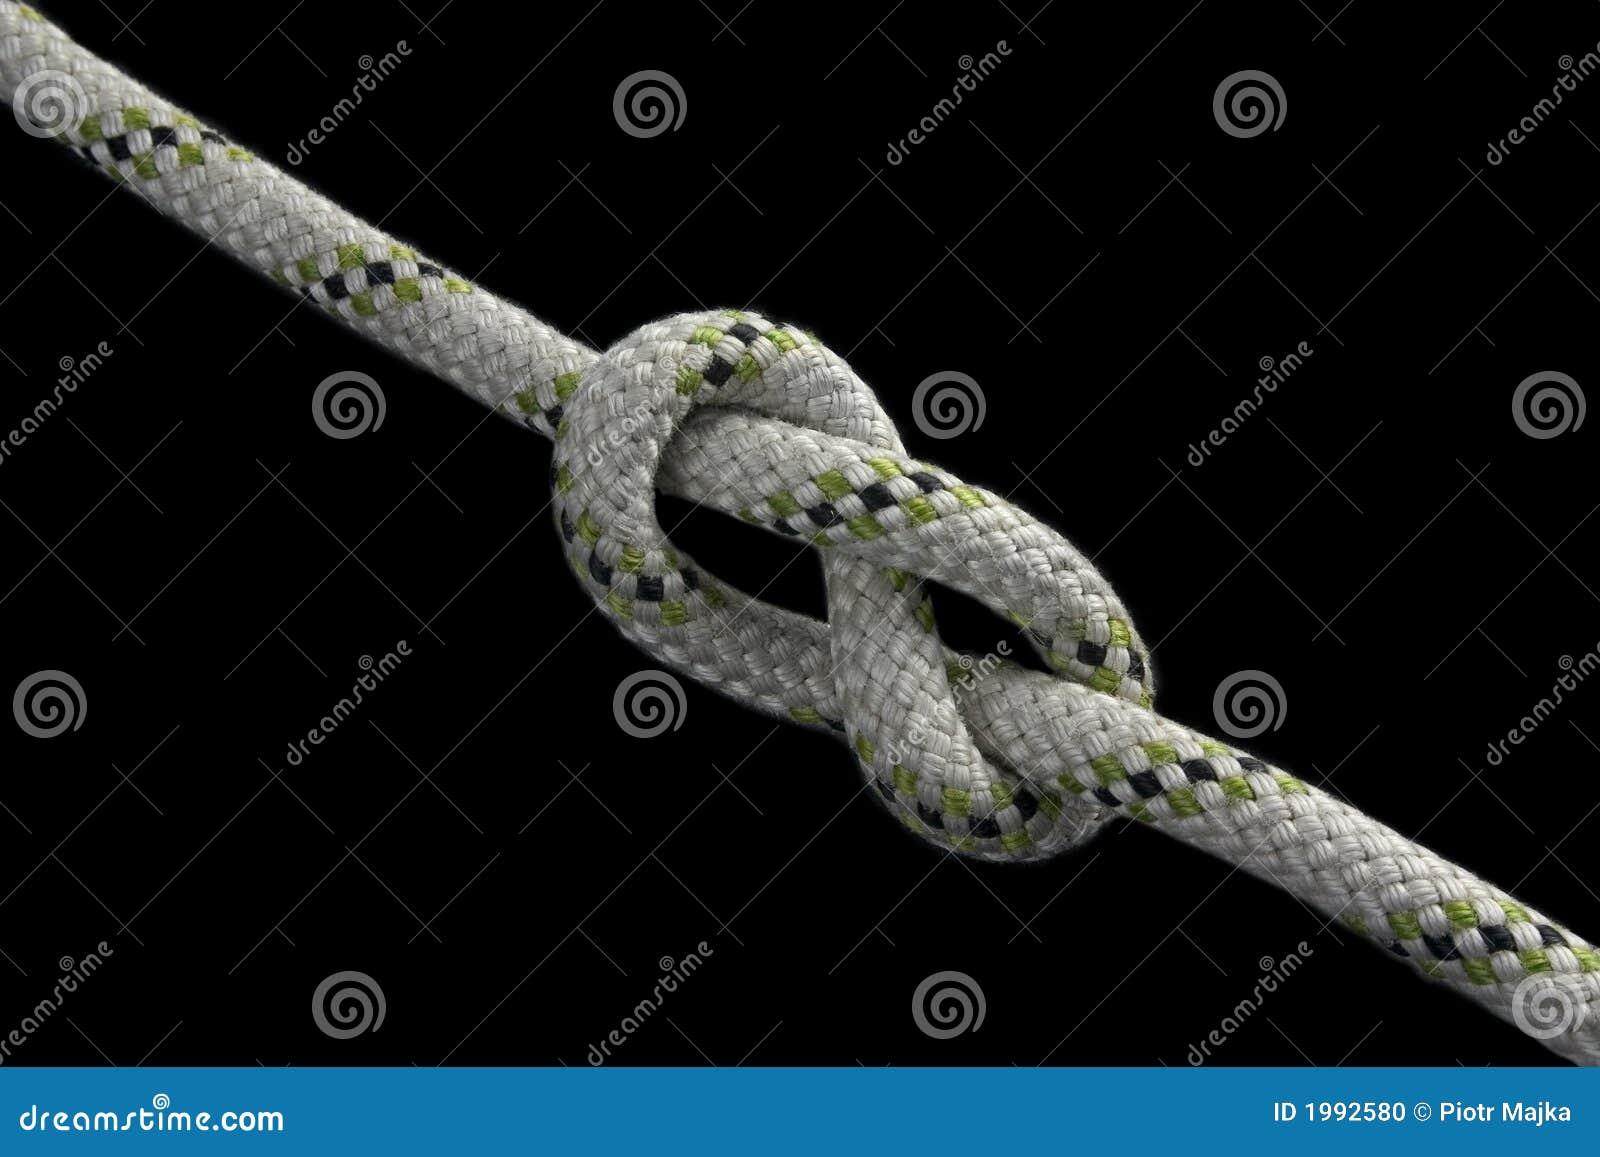 Figura-otto nodo